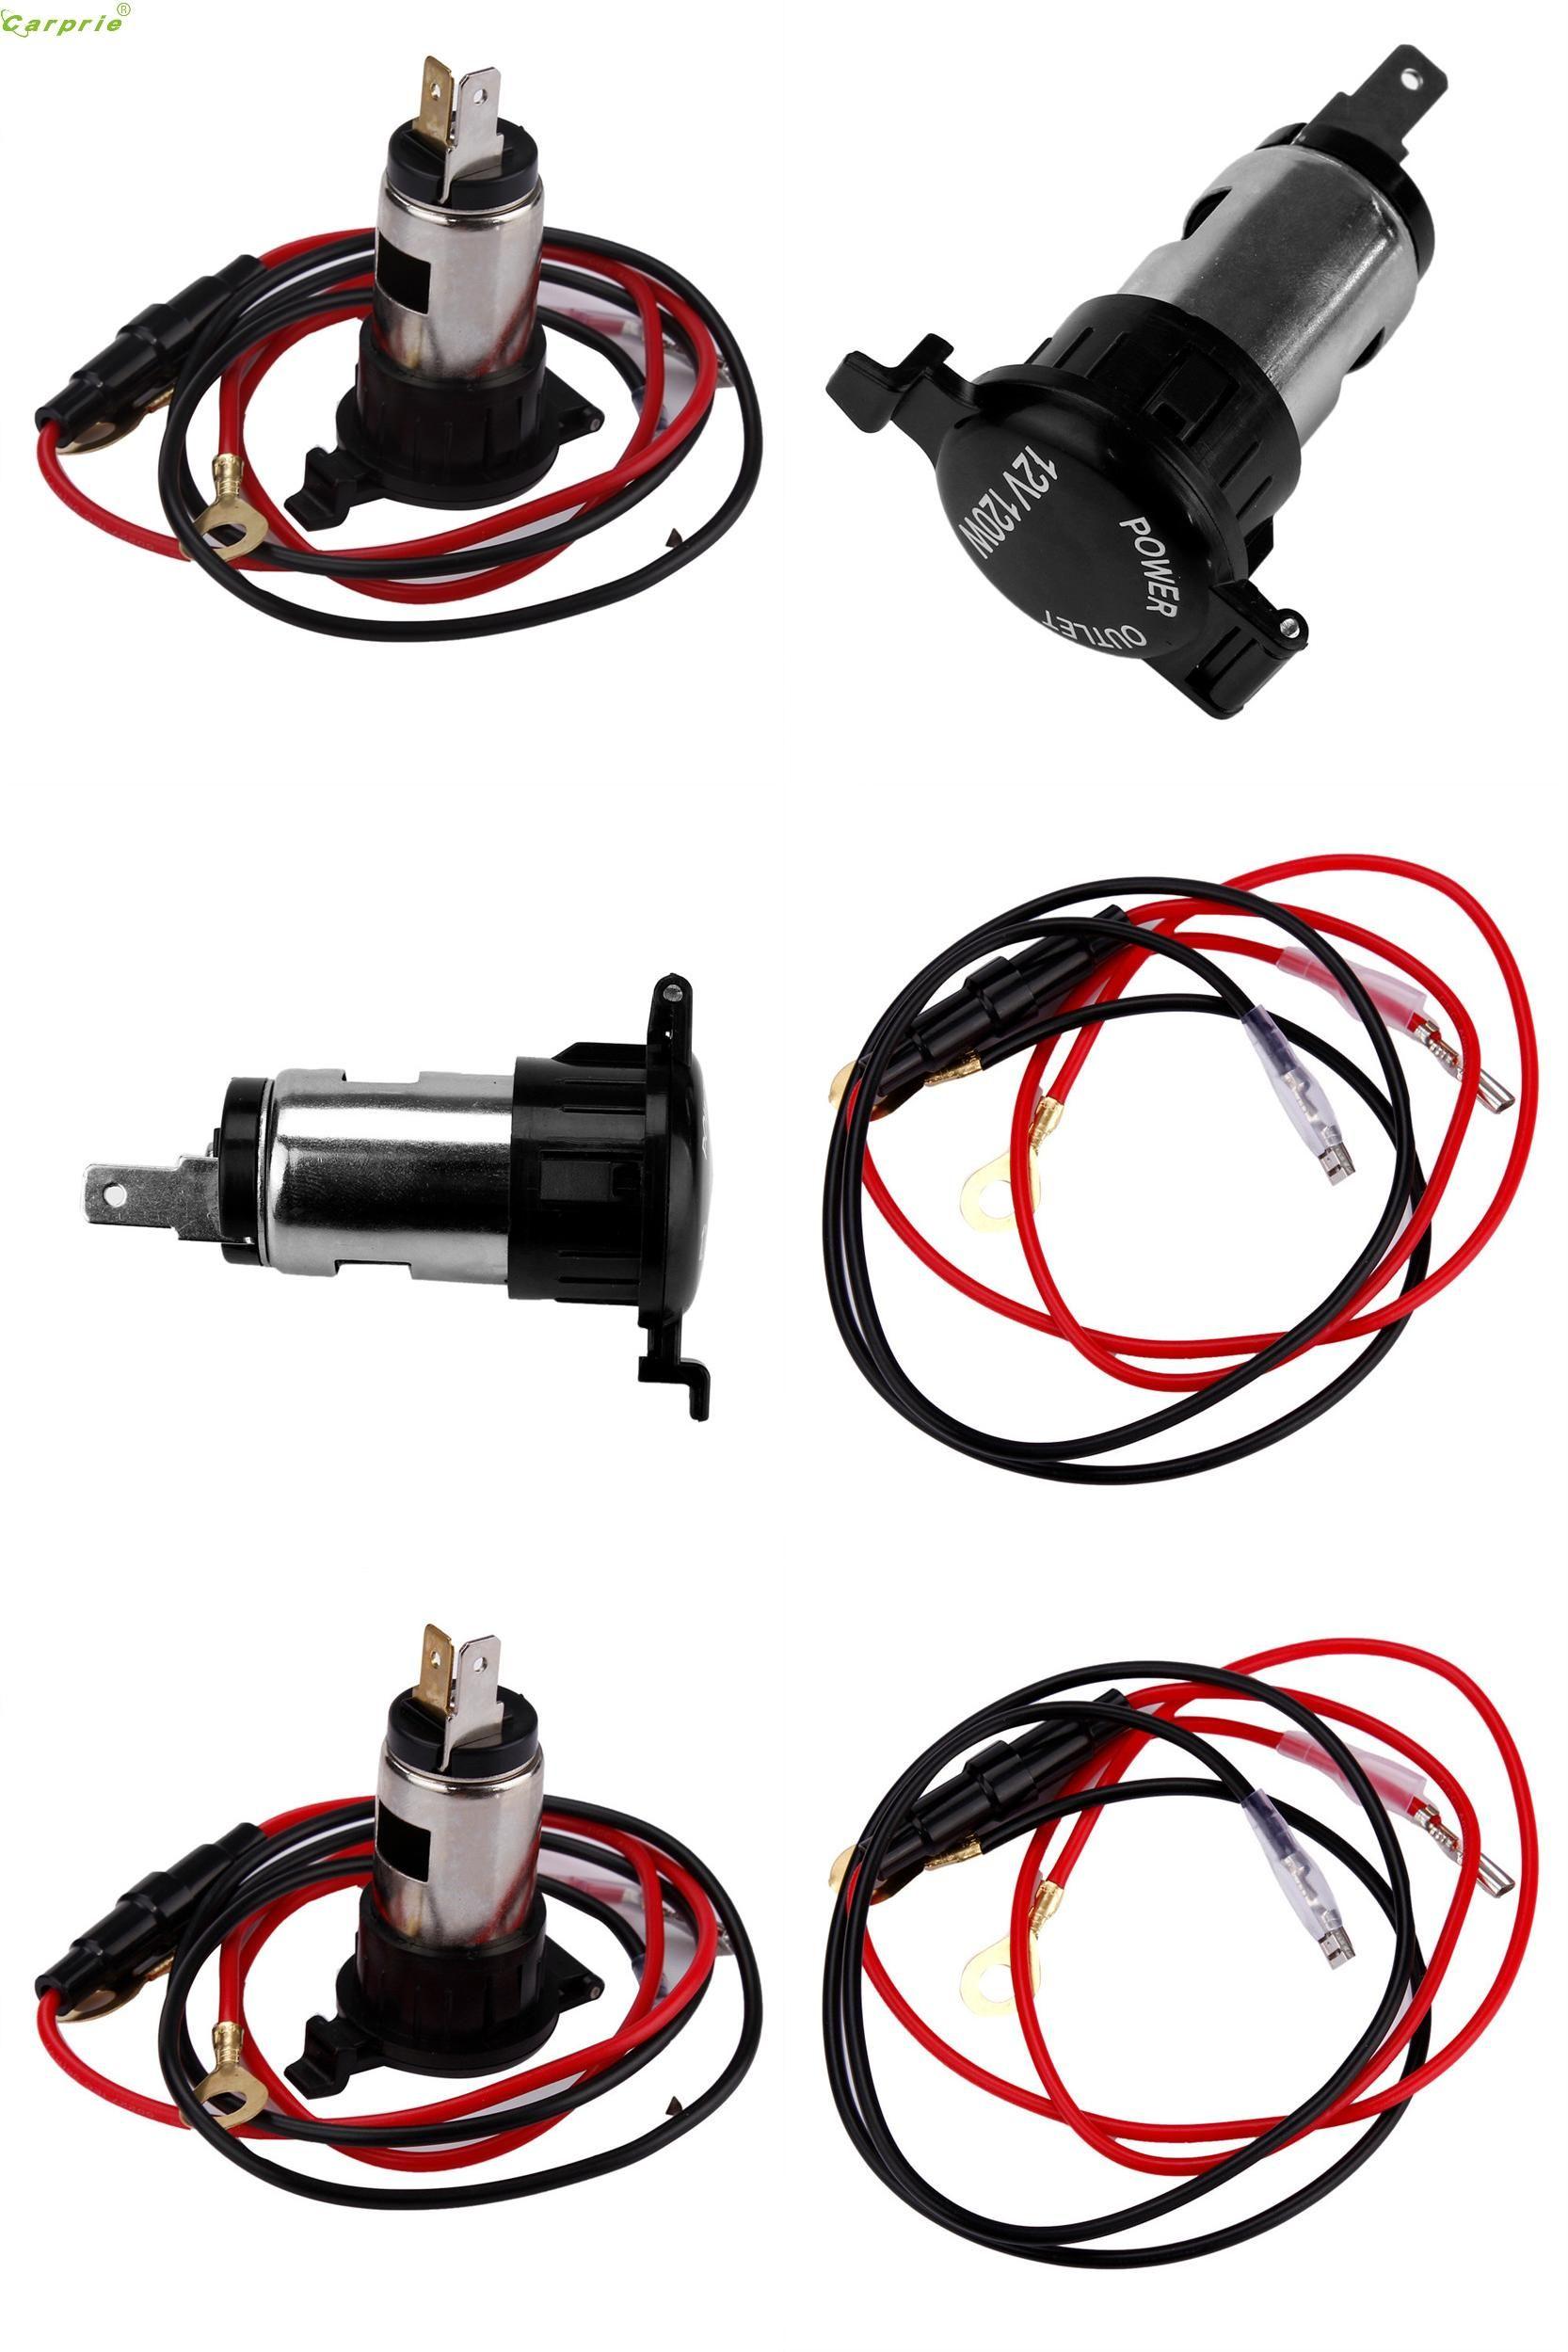 Visit To Buy Cls 12v 120w Car Motorcycle Boat Tractor Cigarette Best New Lighter Power Outlet Plug Socket Under 6